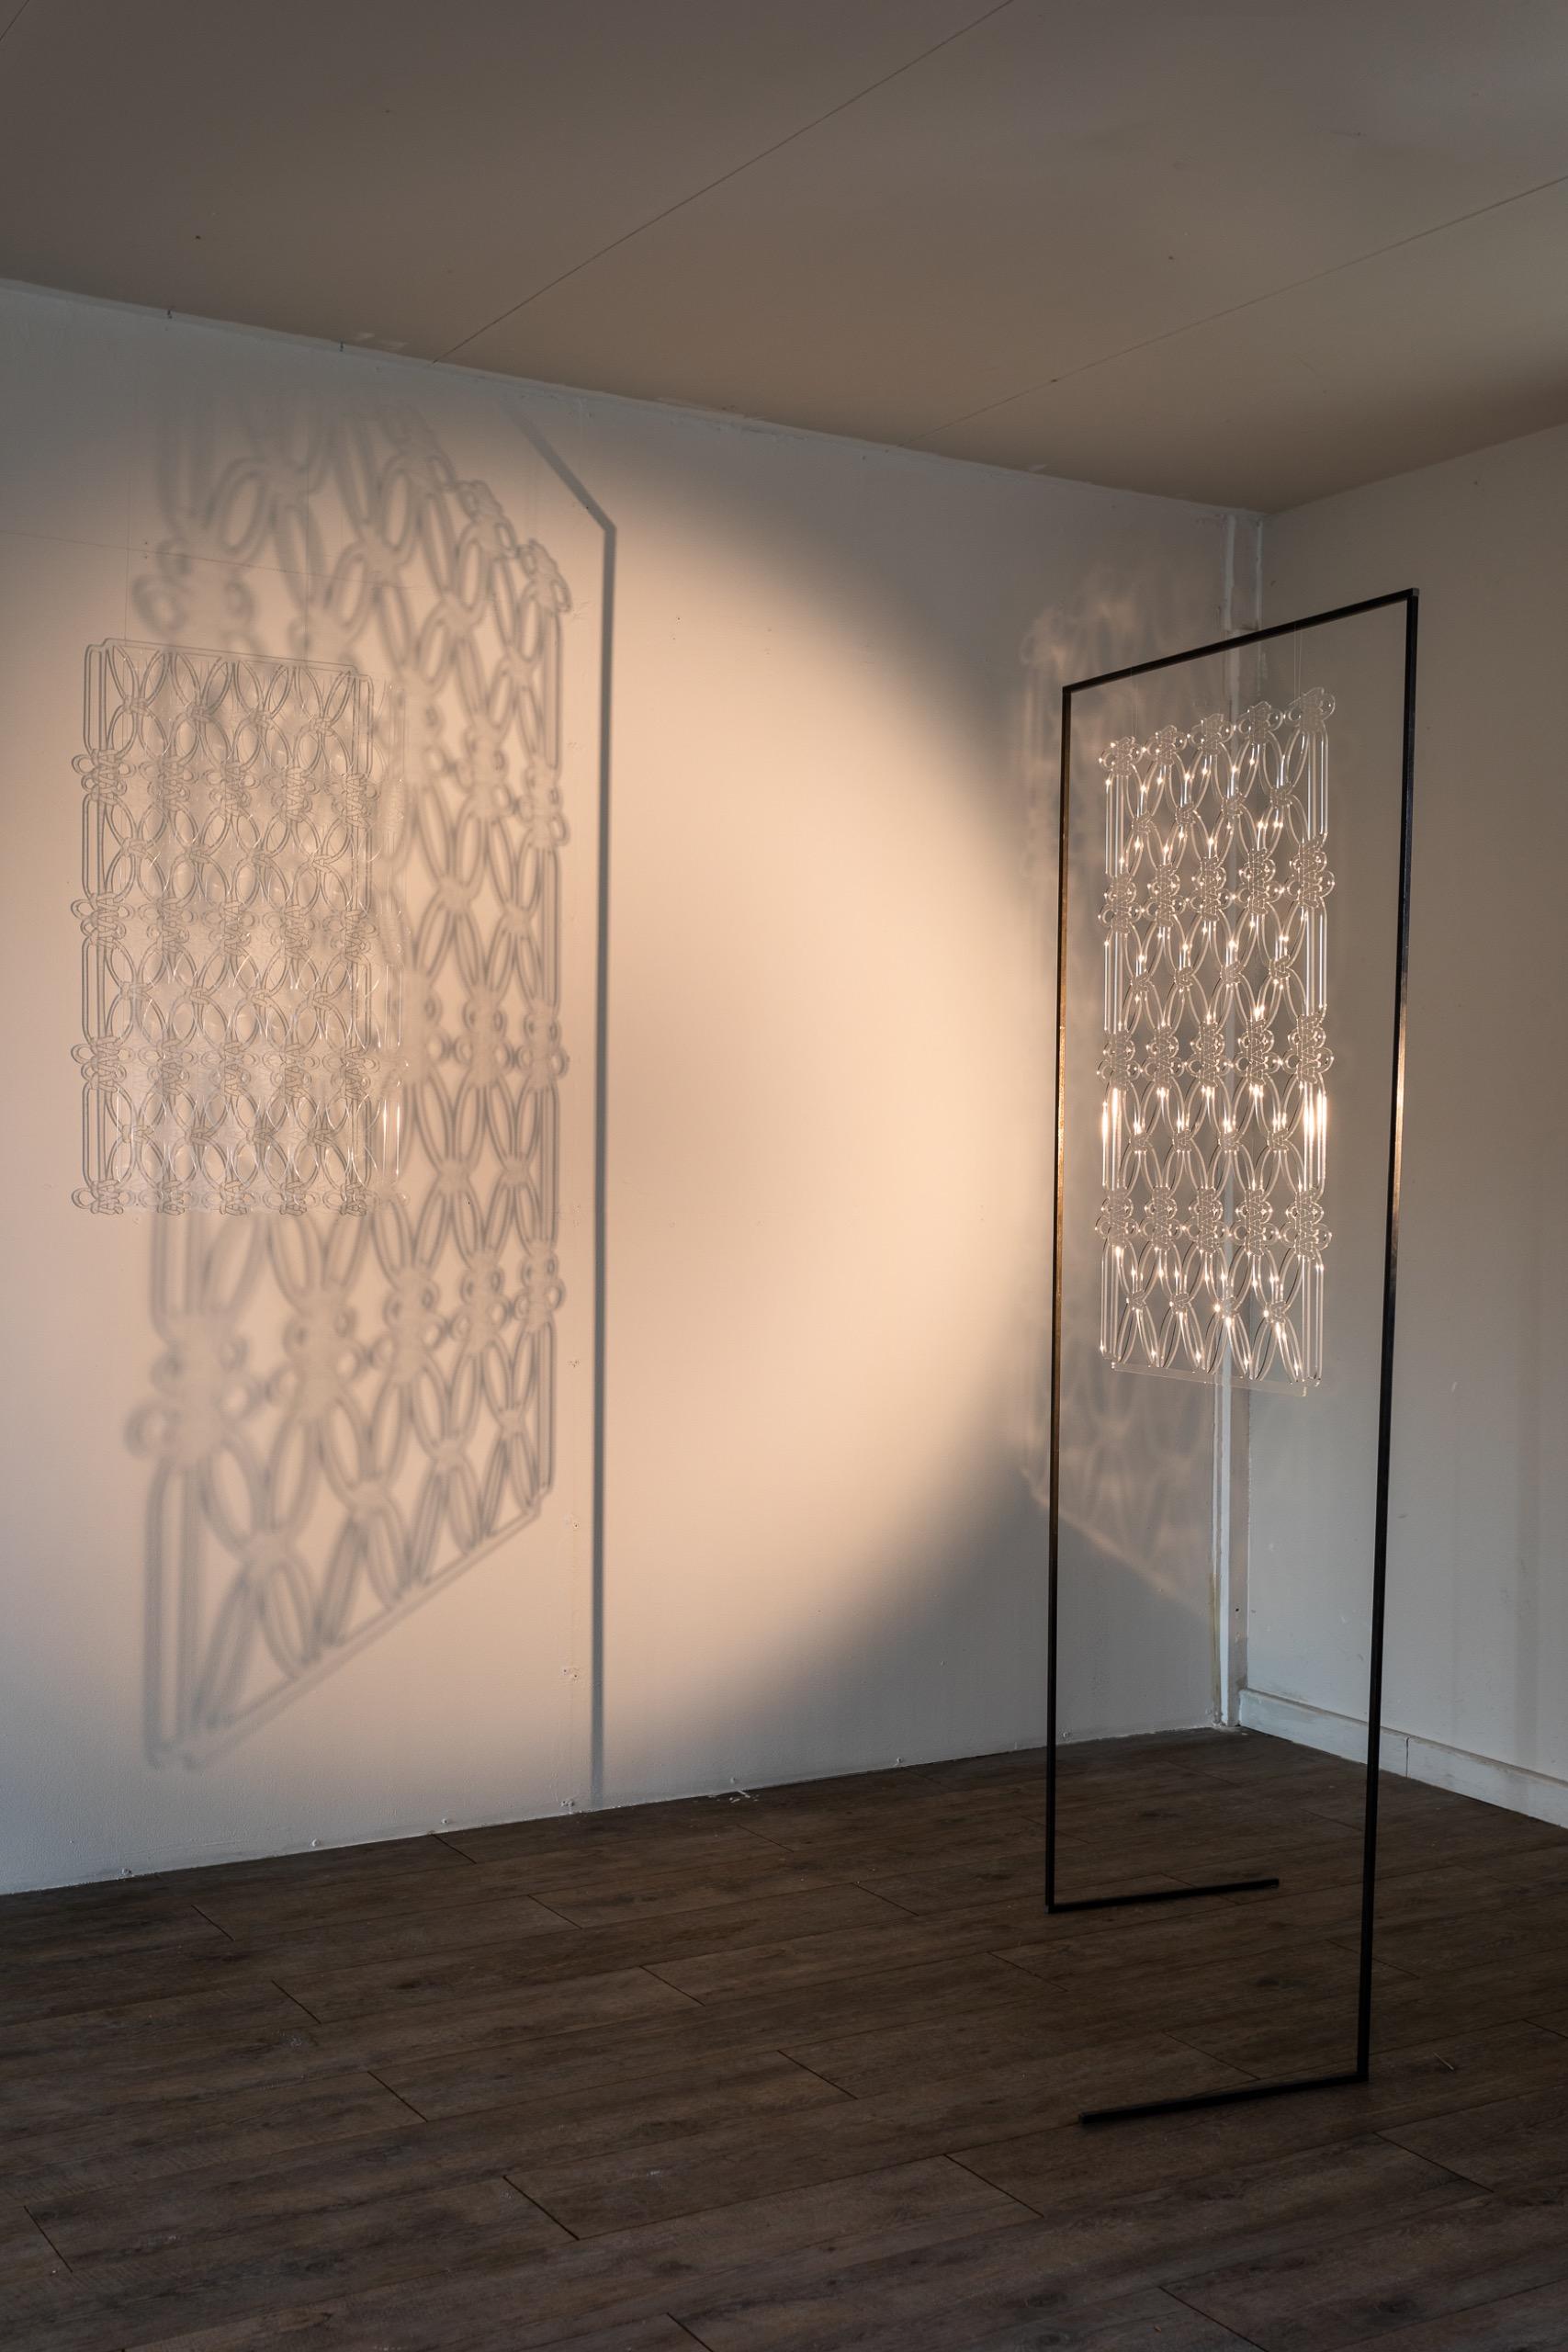 Lisa Biedlingmaier, Zero I, 2021, plexiglass